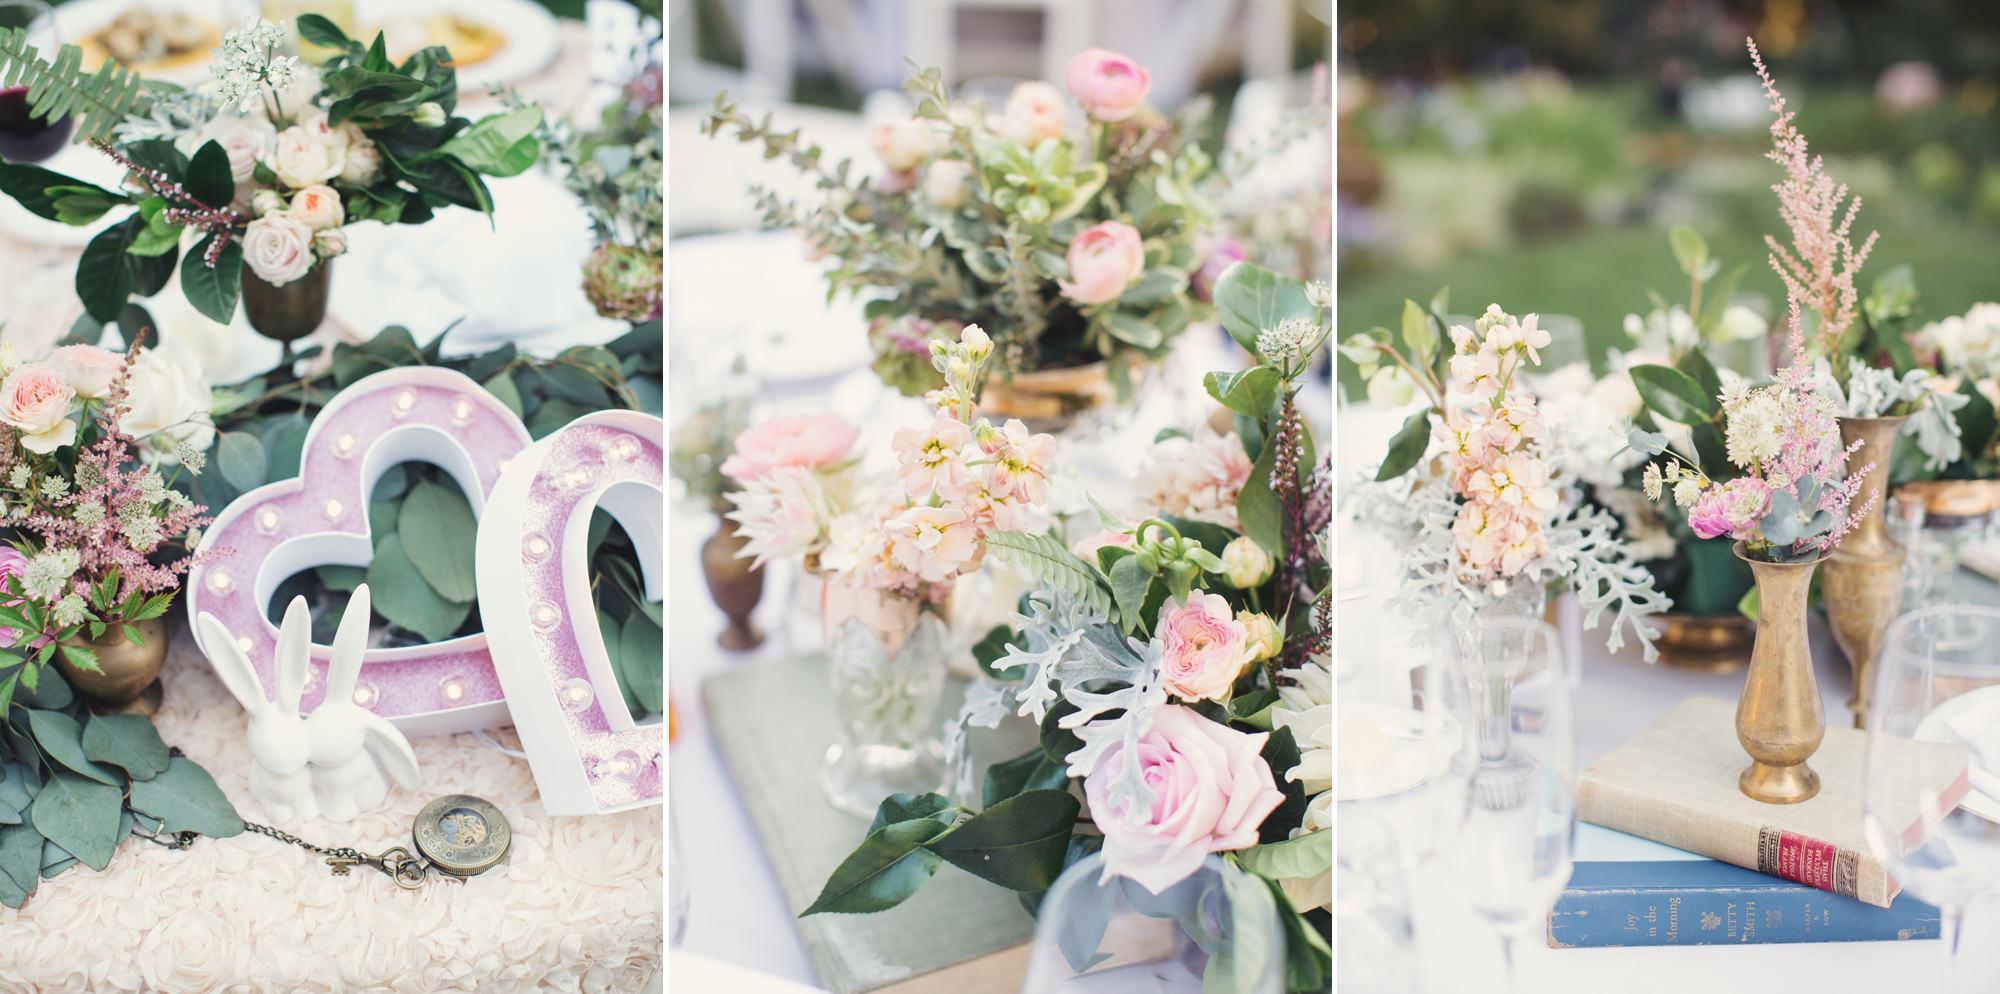 Fairytale Wedding in Nestldown ©Anne-Claire Brun 0048